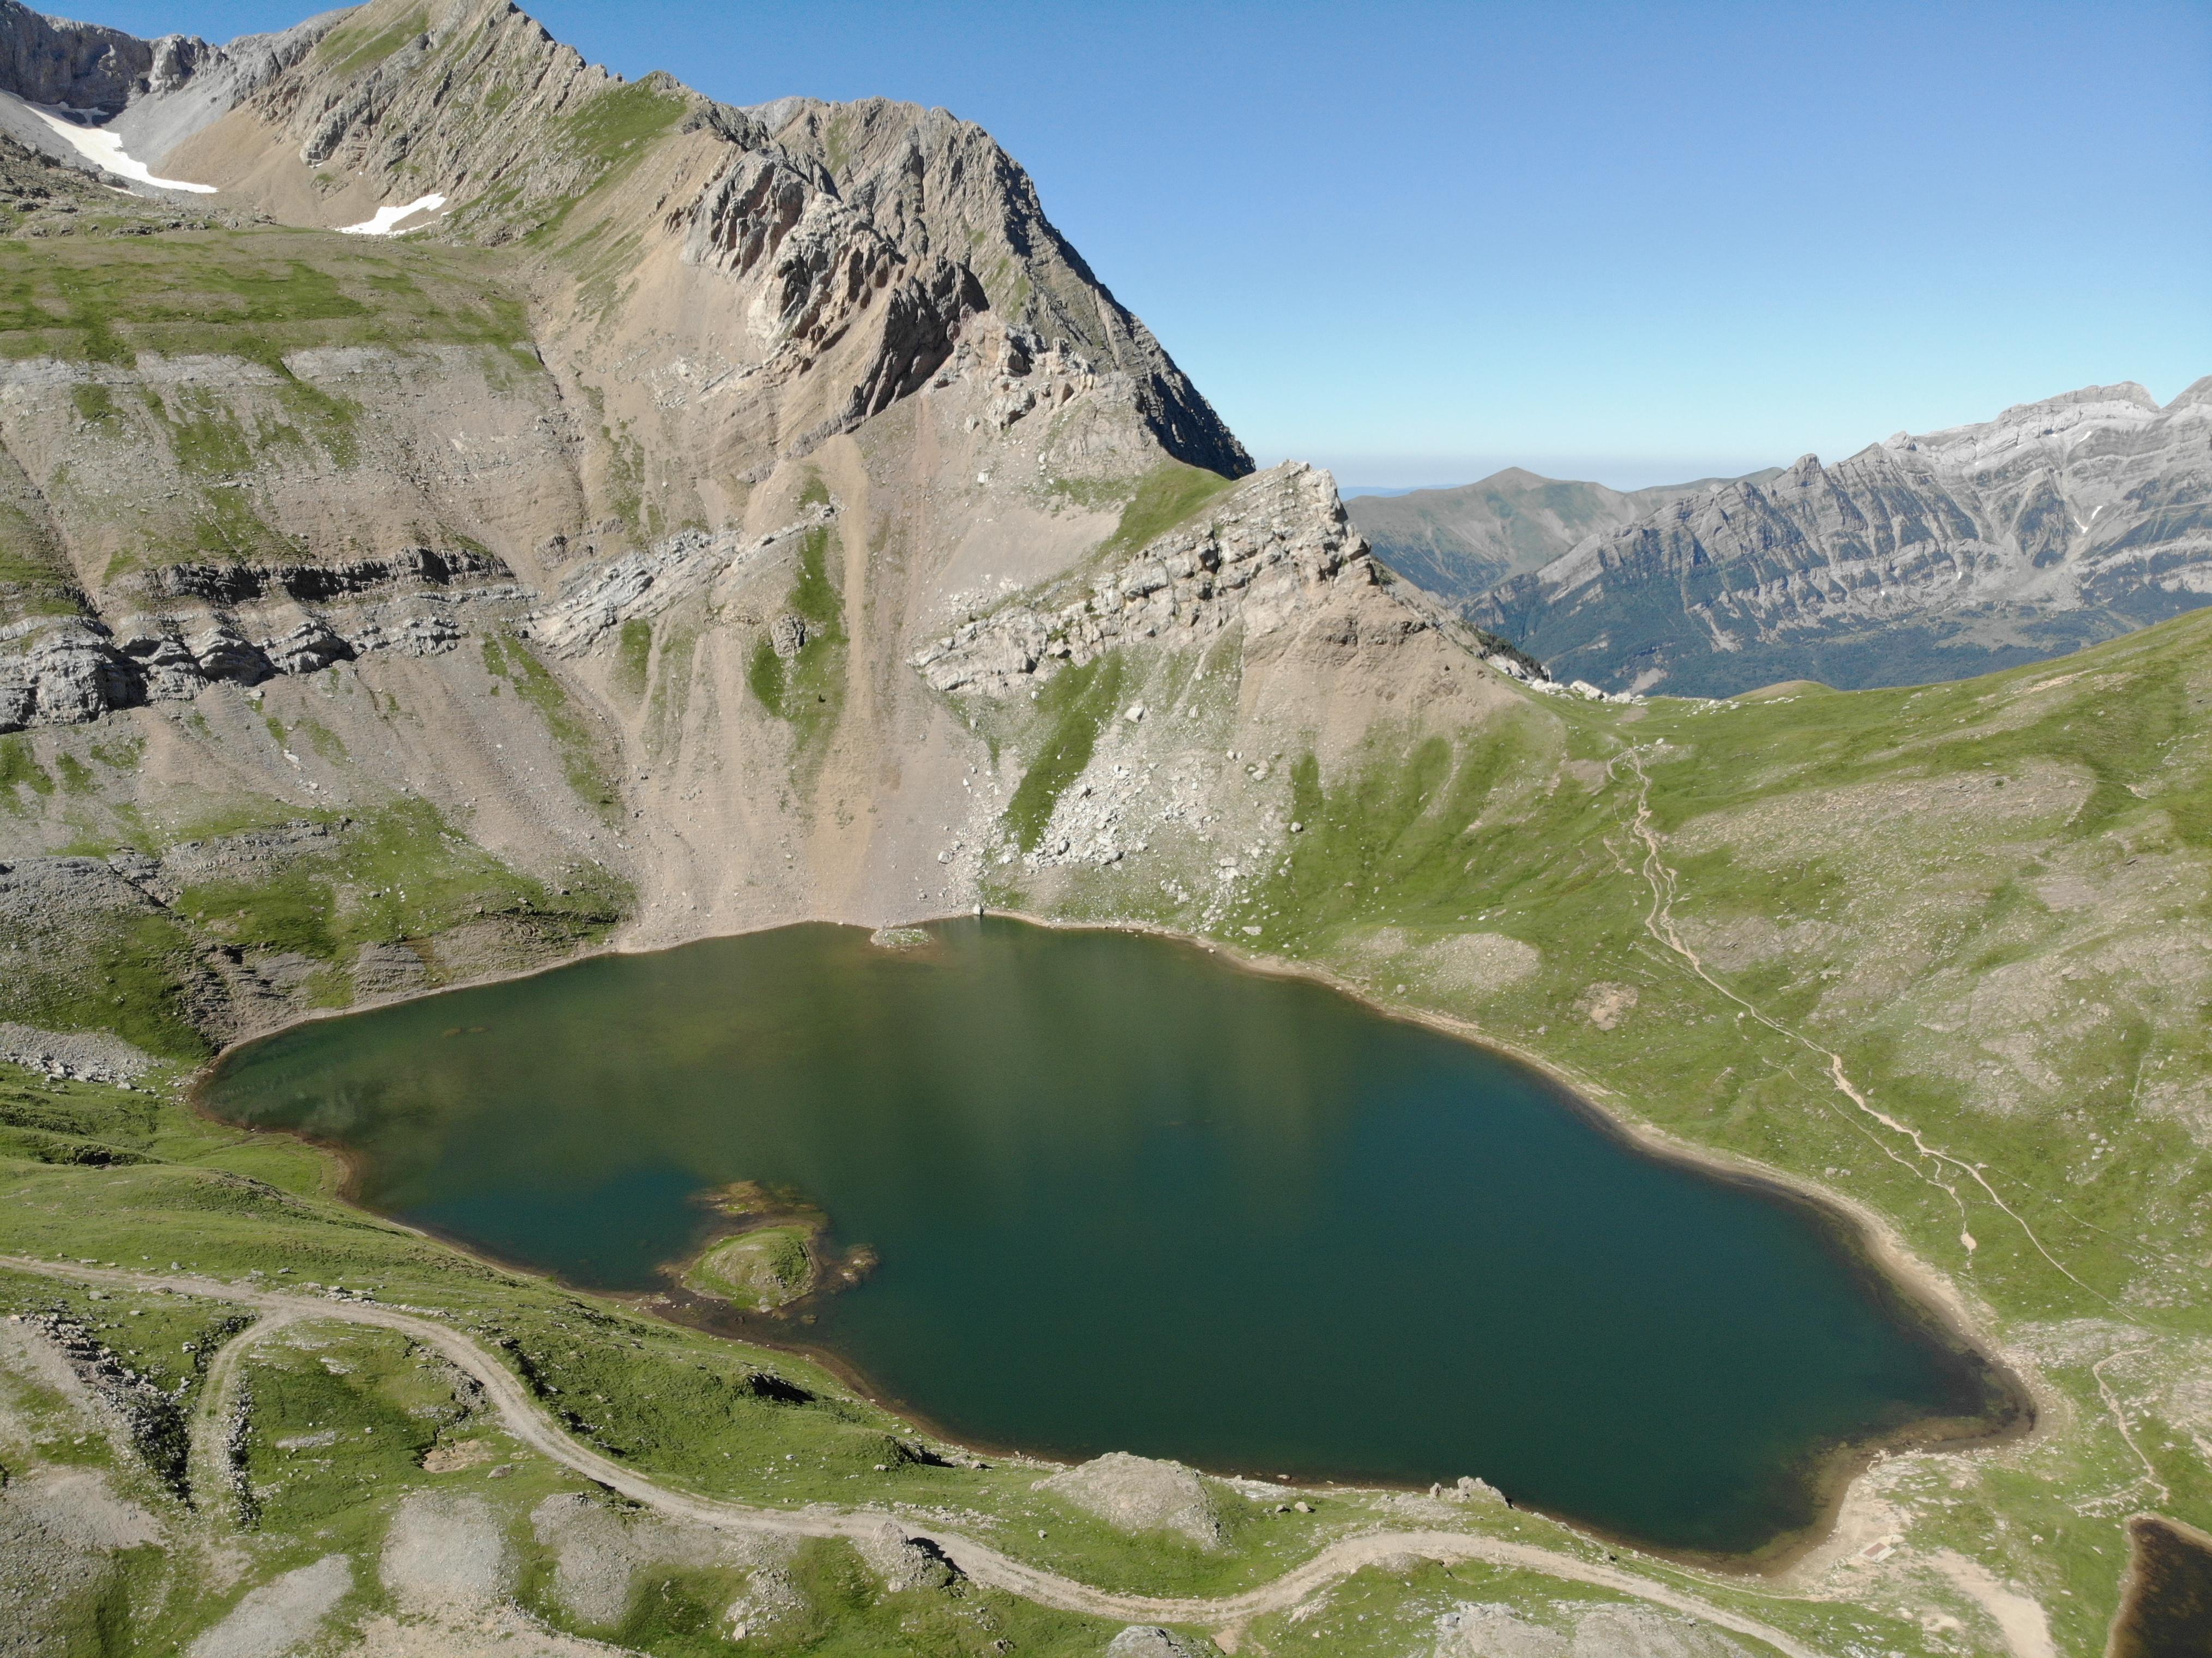 Pirineos Sur se funde con el territorio y el paisaje del valle de Tena